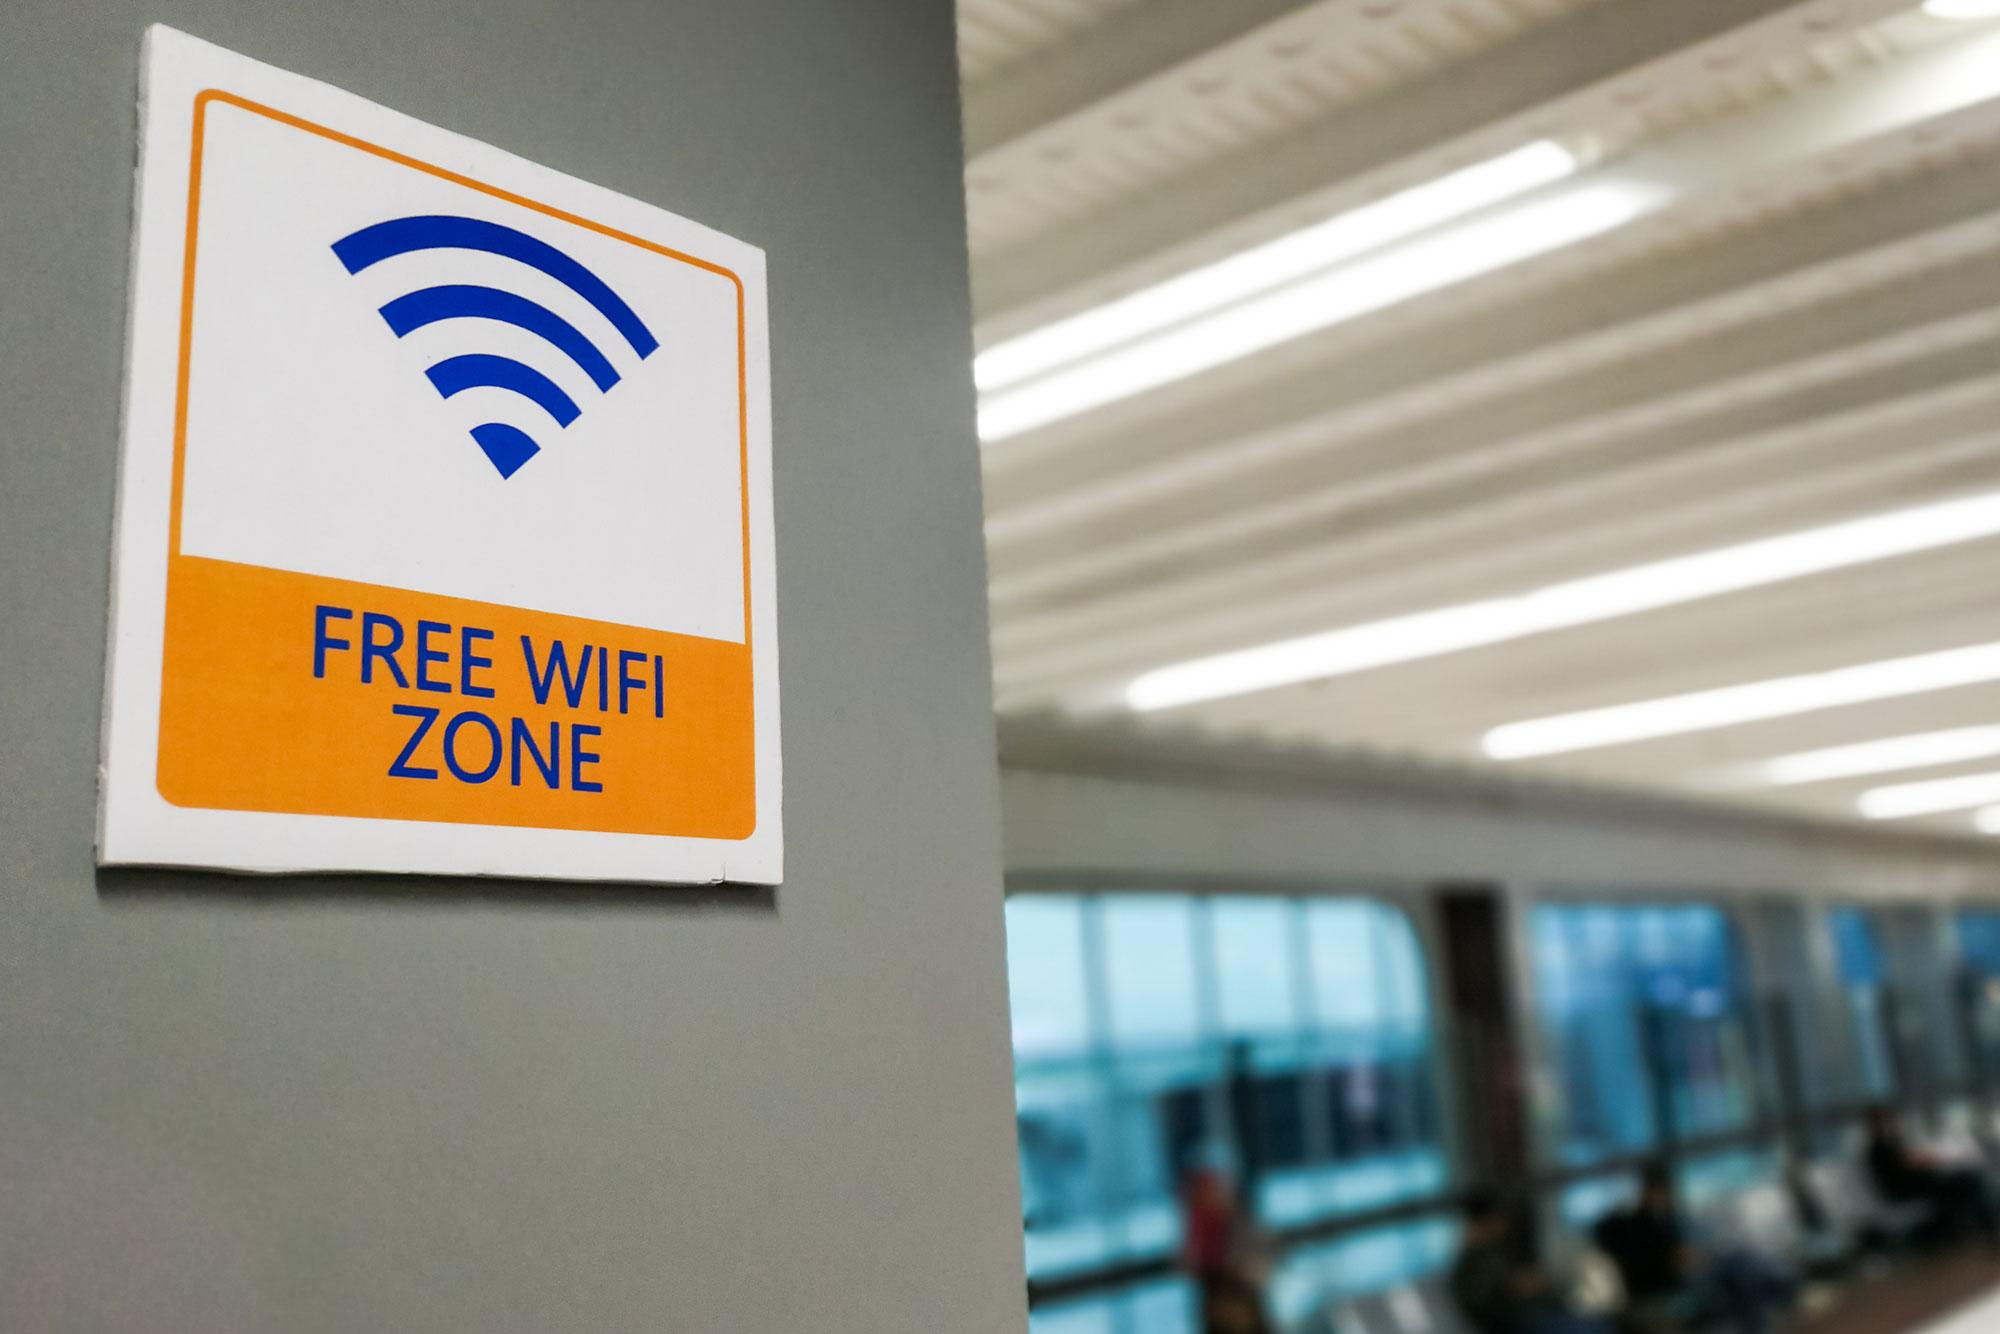 avoid-shoppping-via-public-wifi